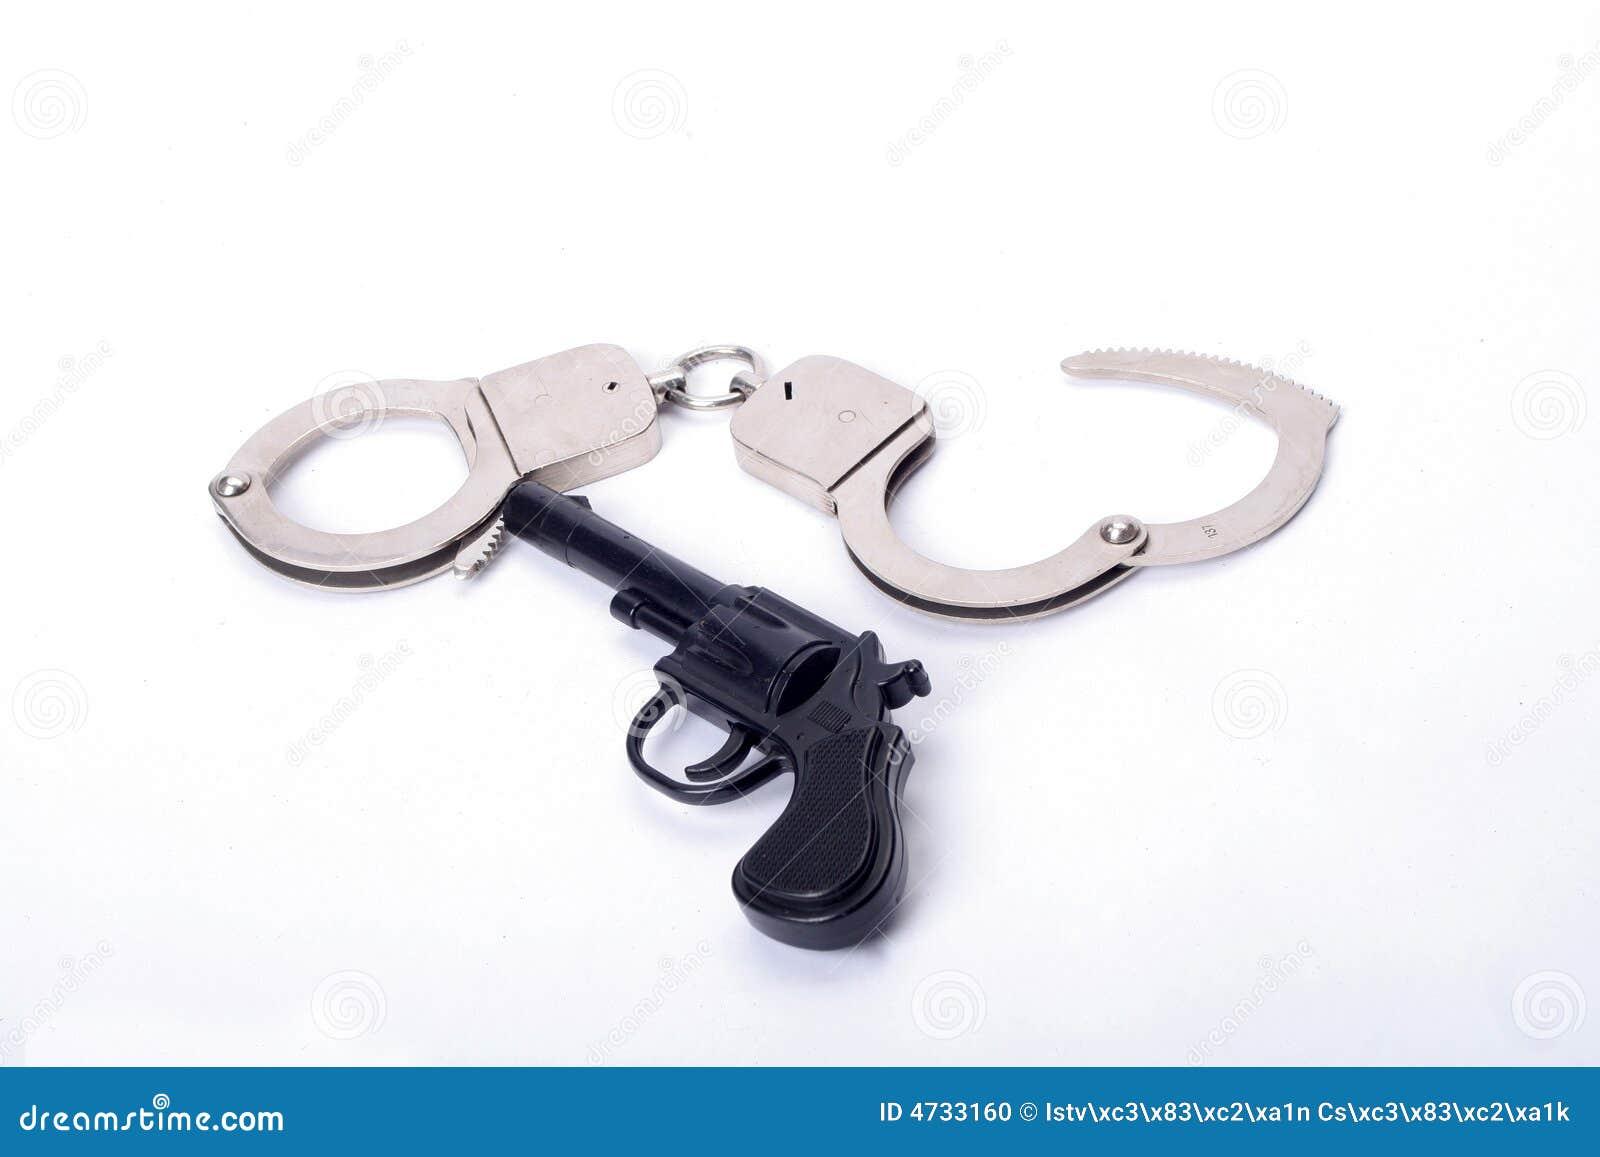 Herramientas de la policía foto de archivo. Imagen de